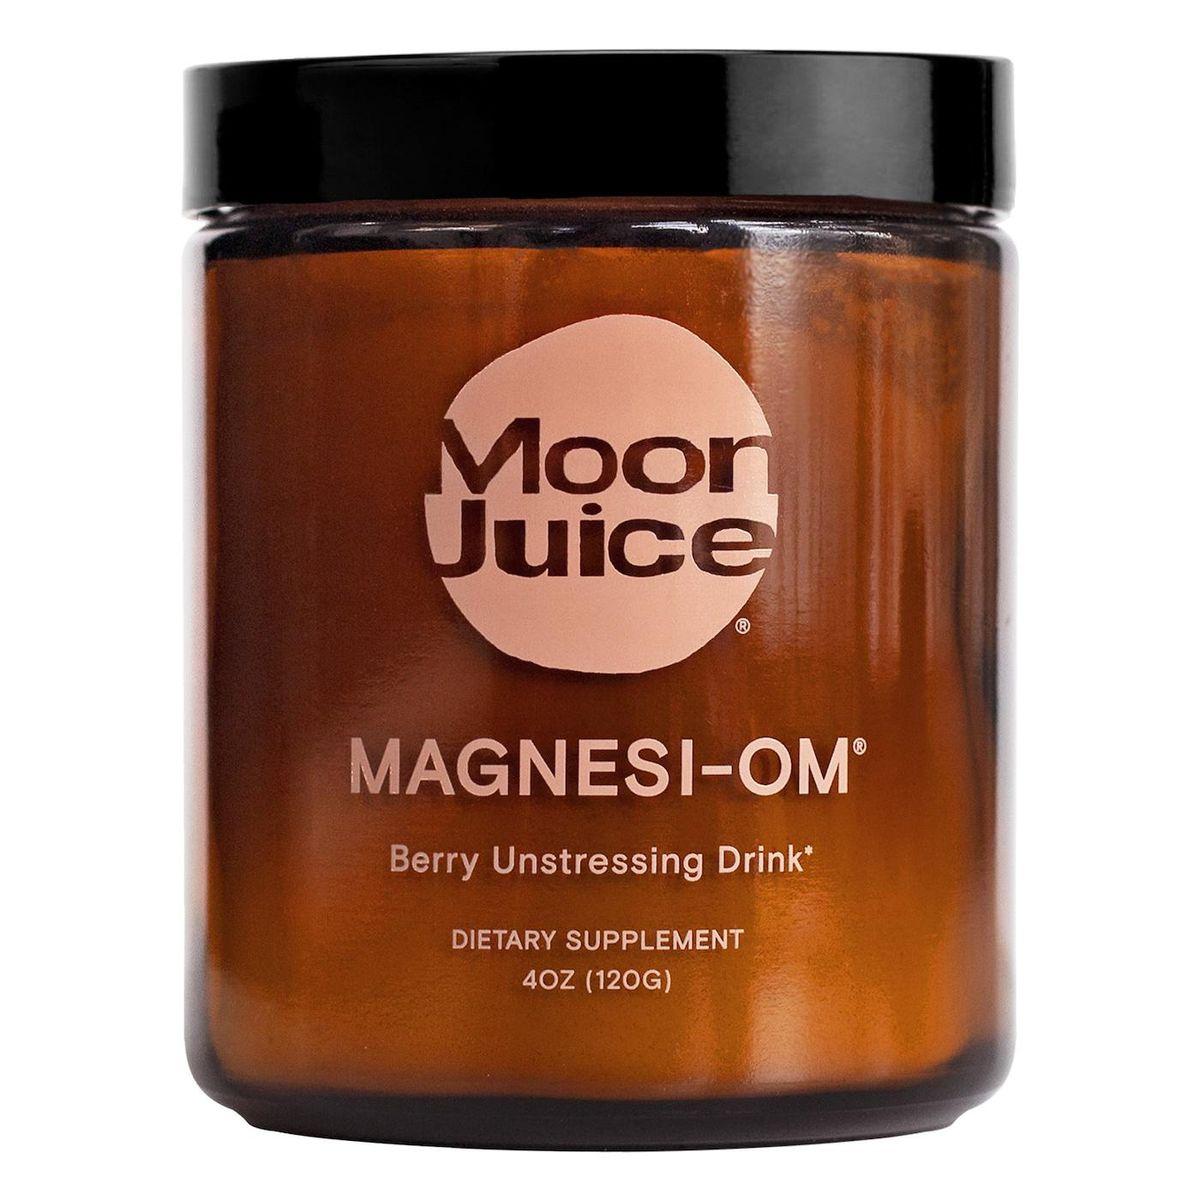 moon juice magnesi om